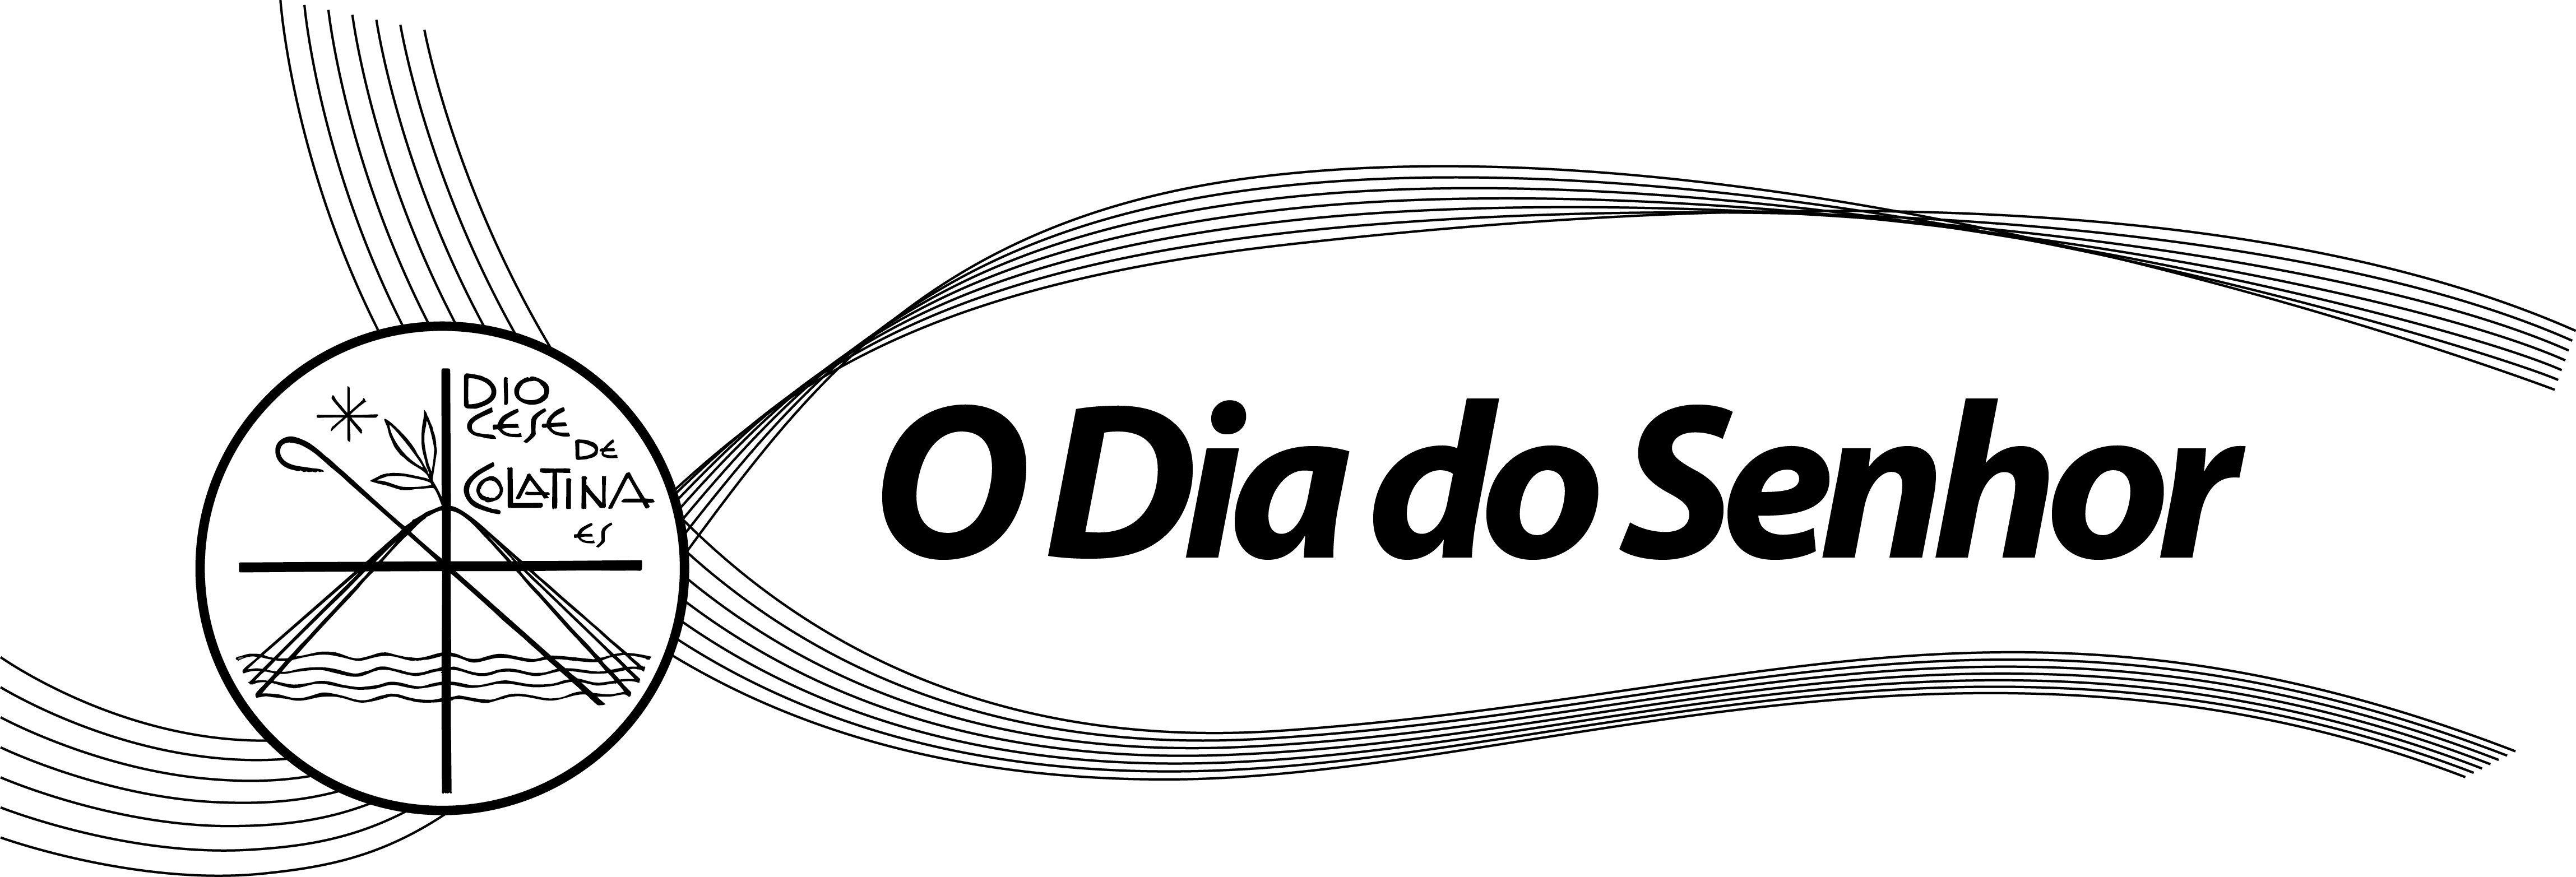 O Dia do Senhor – Solenidade de Nossa Senhora da Conceição Aparecida – Nº 1597 – 12/10/2016